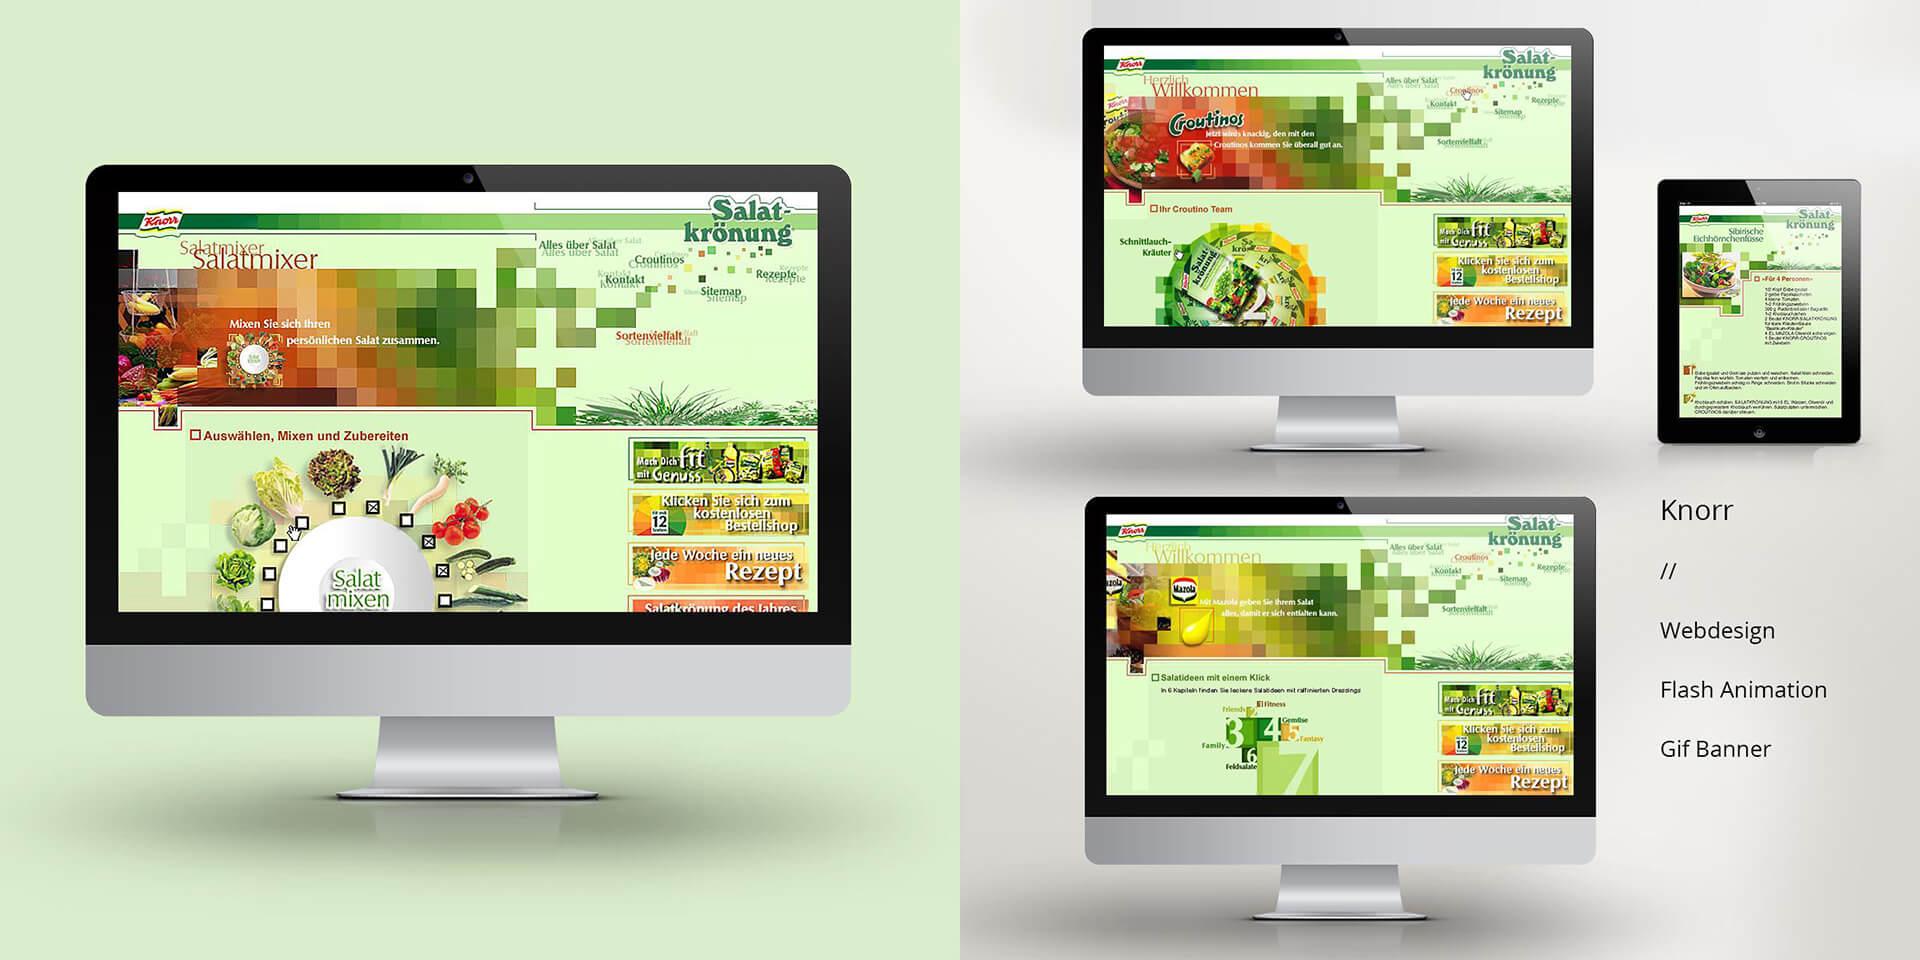 webdesign responsive seo sem online marketing wordpress html5 css newsletter banner 3